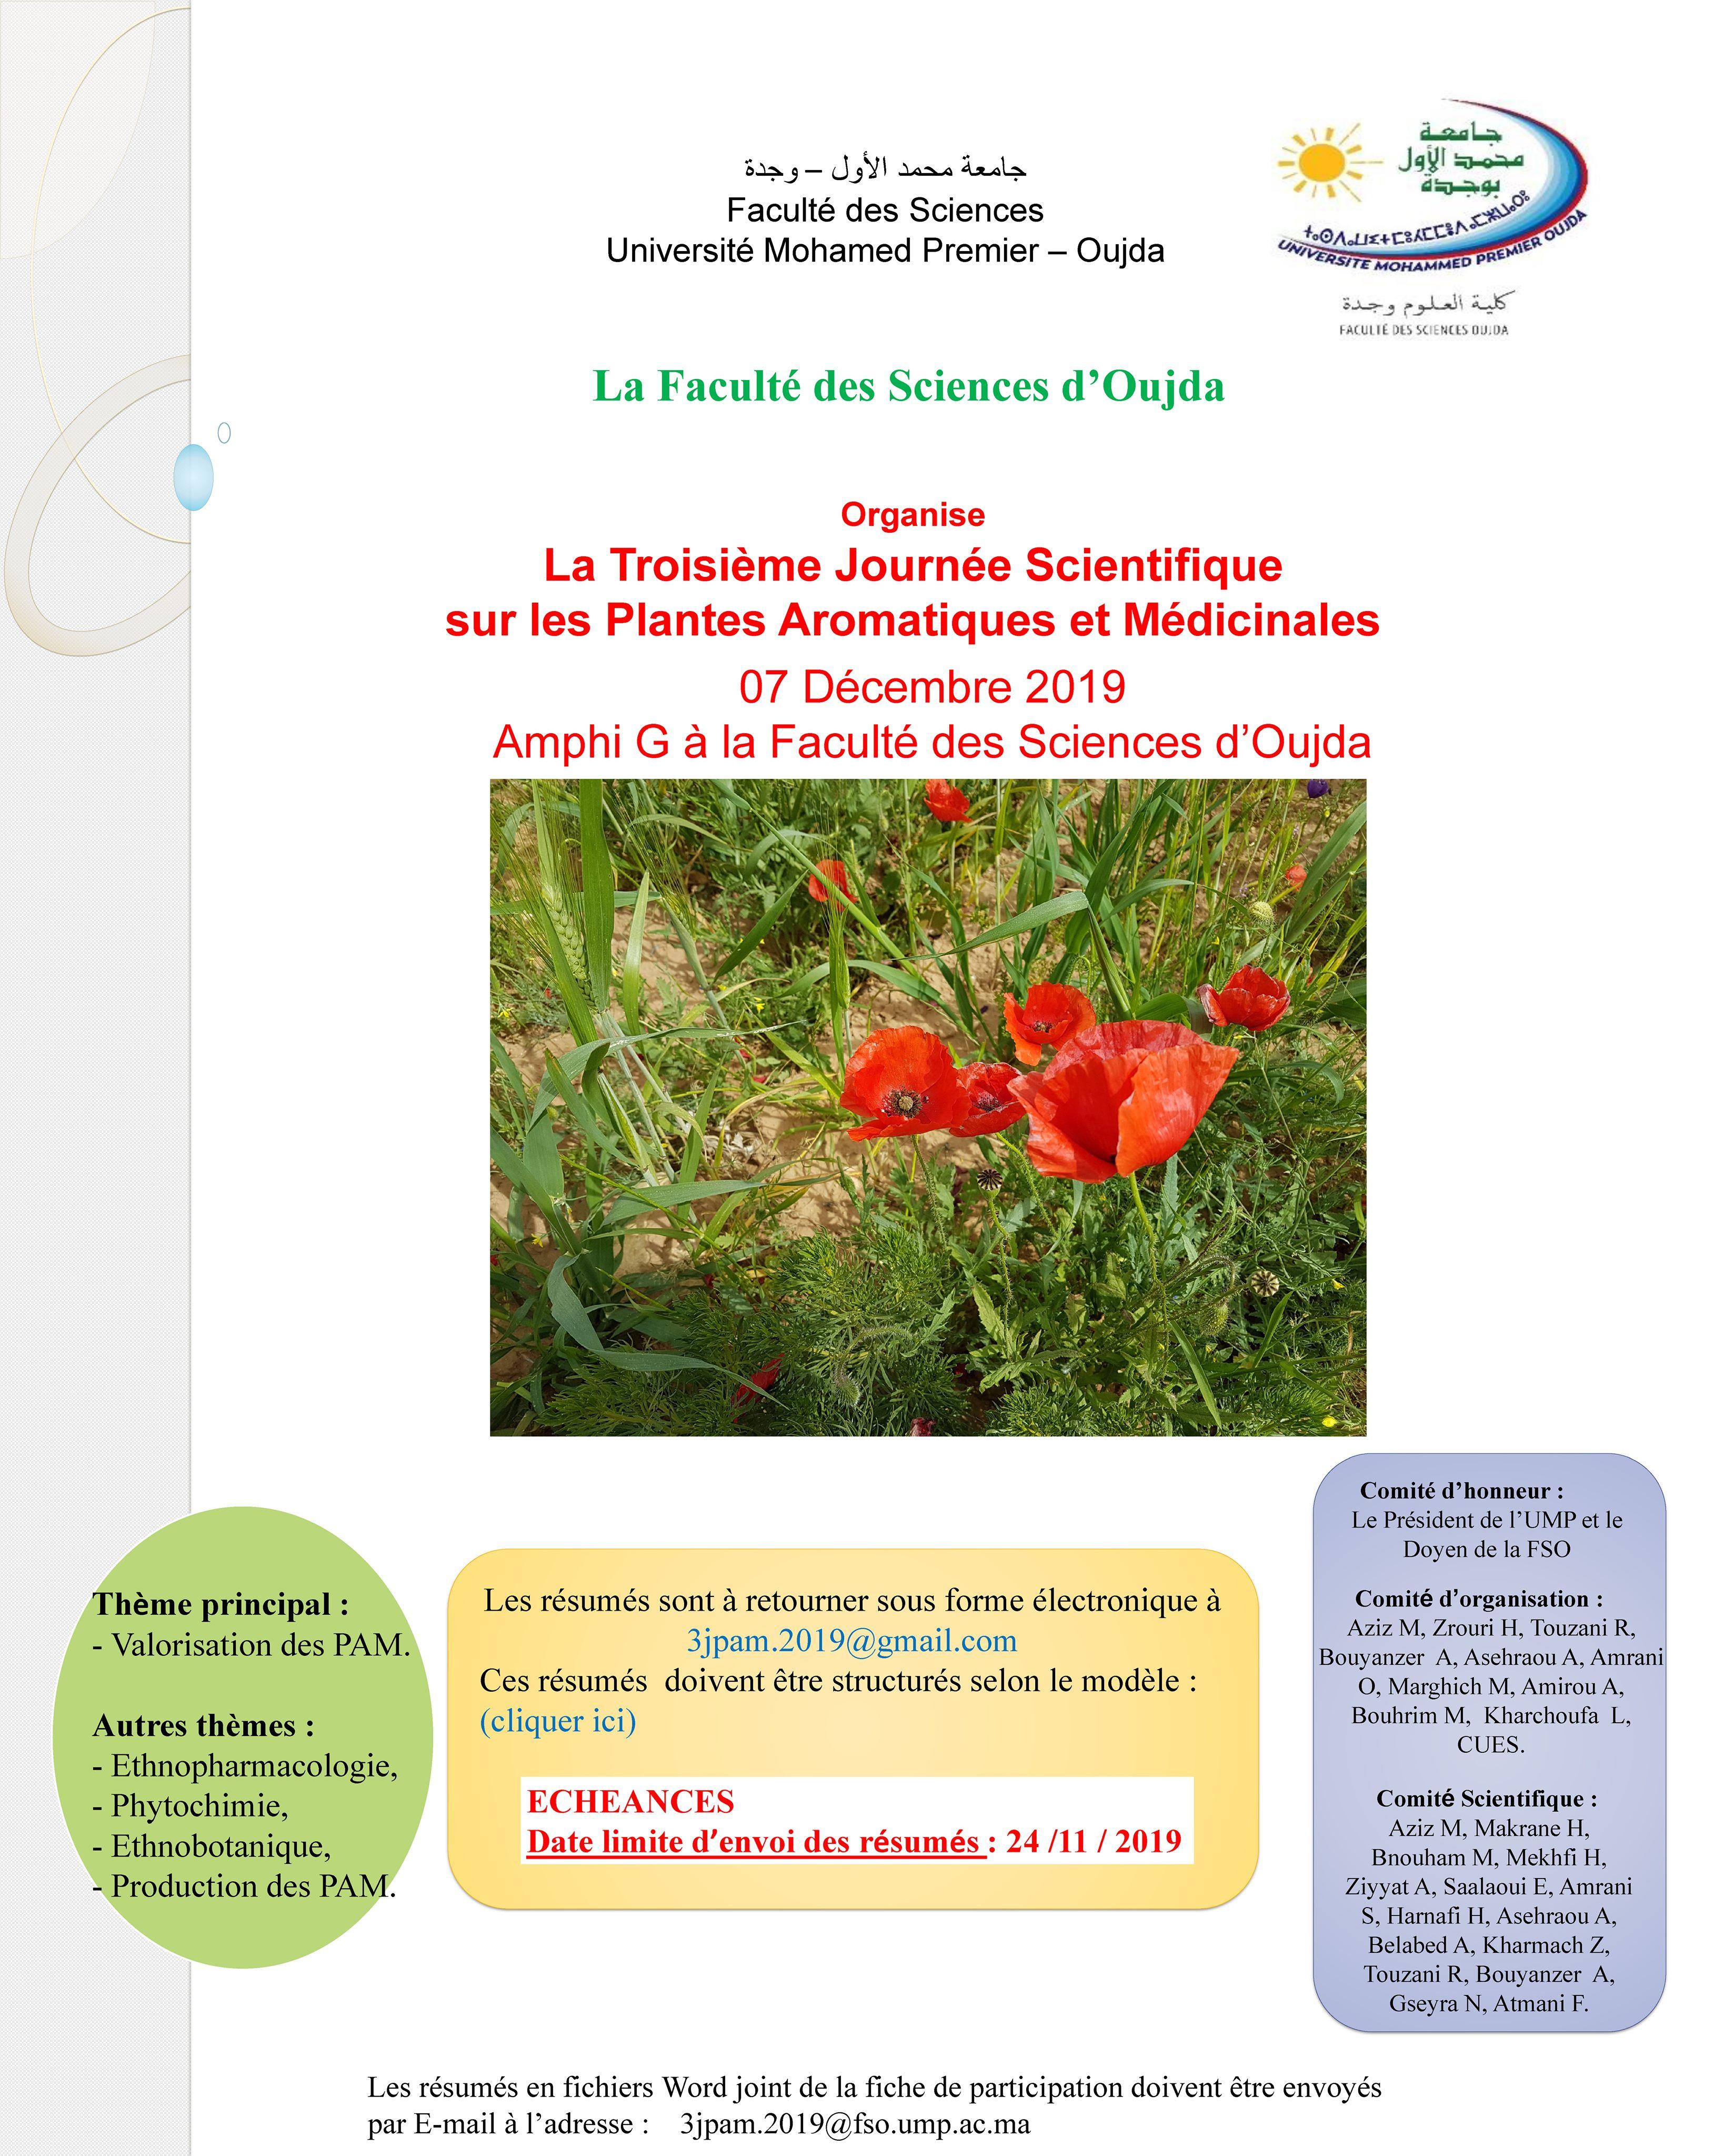 Troisième Journée Scientifique sur les Plantes Aromatiques et Médicinales